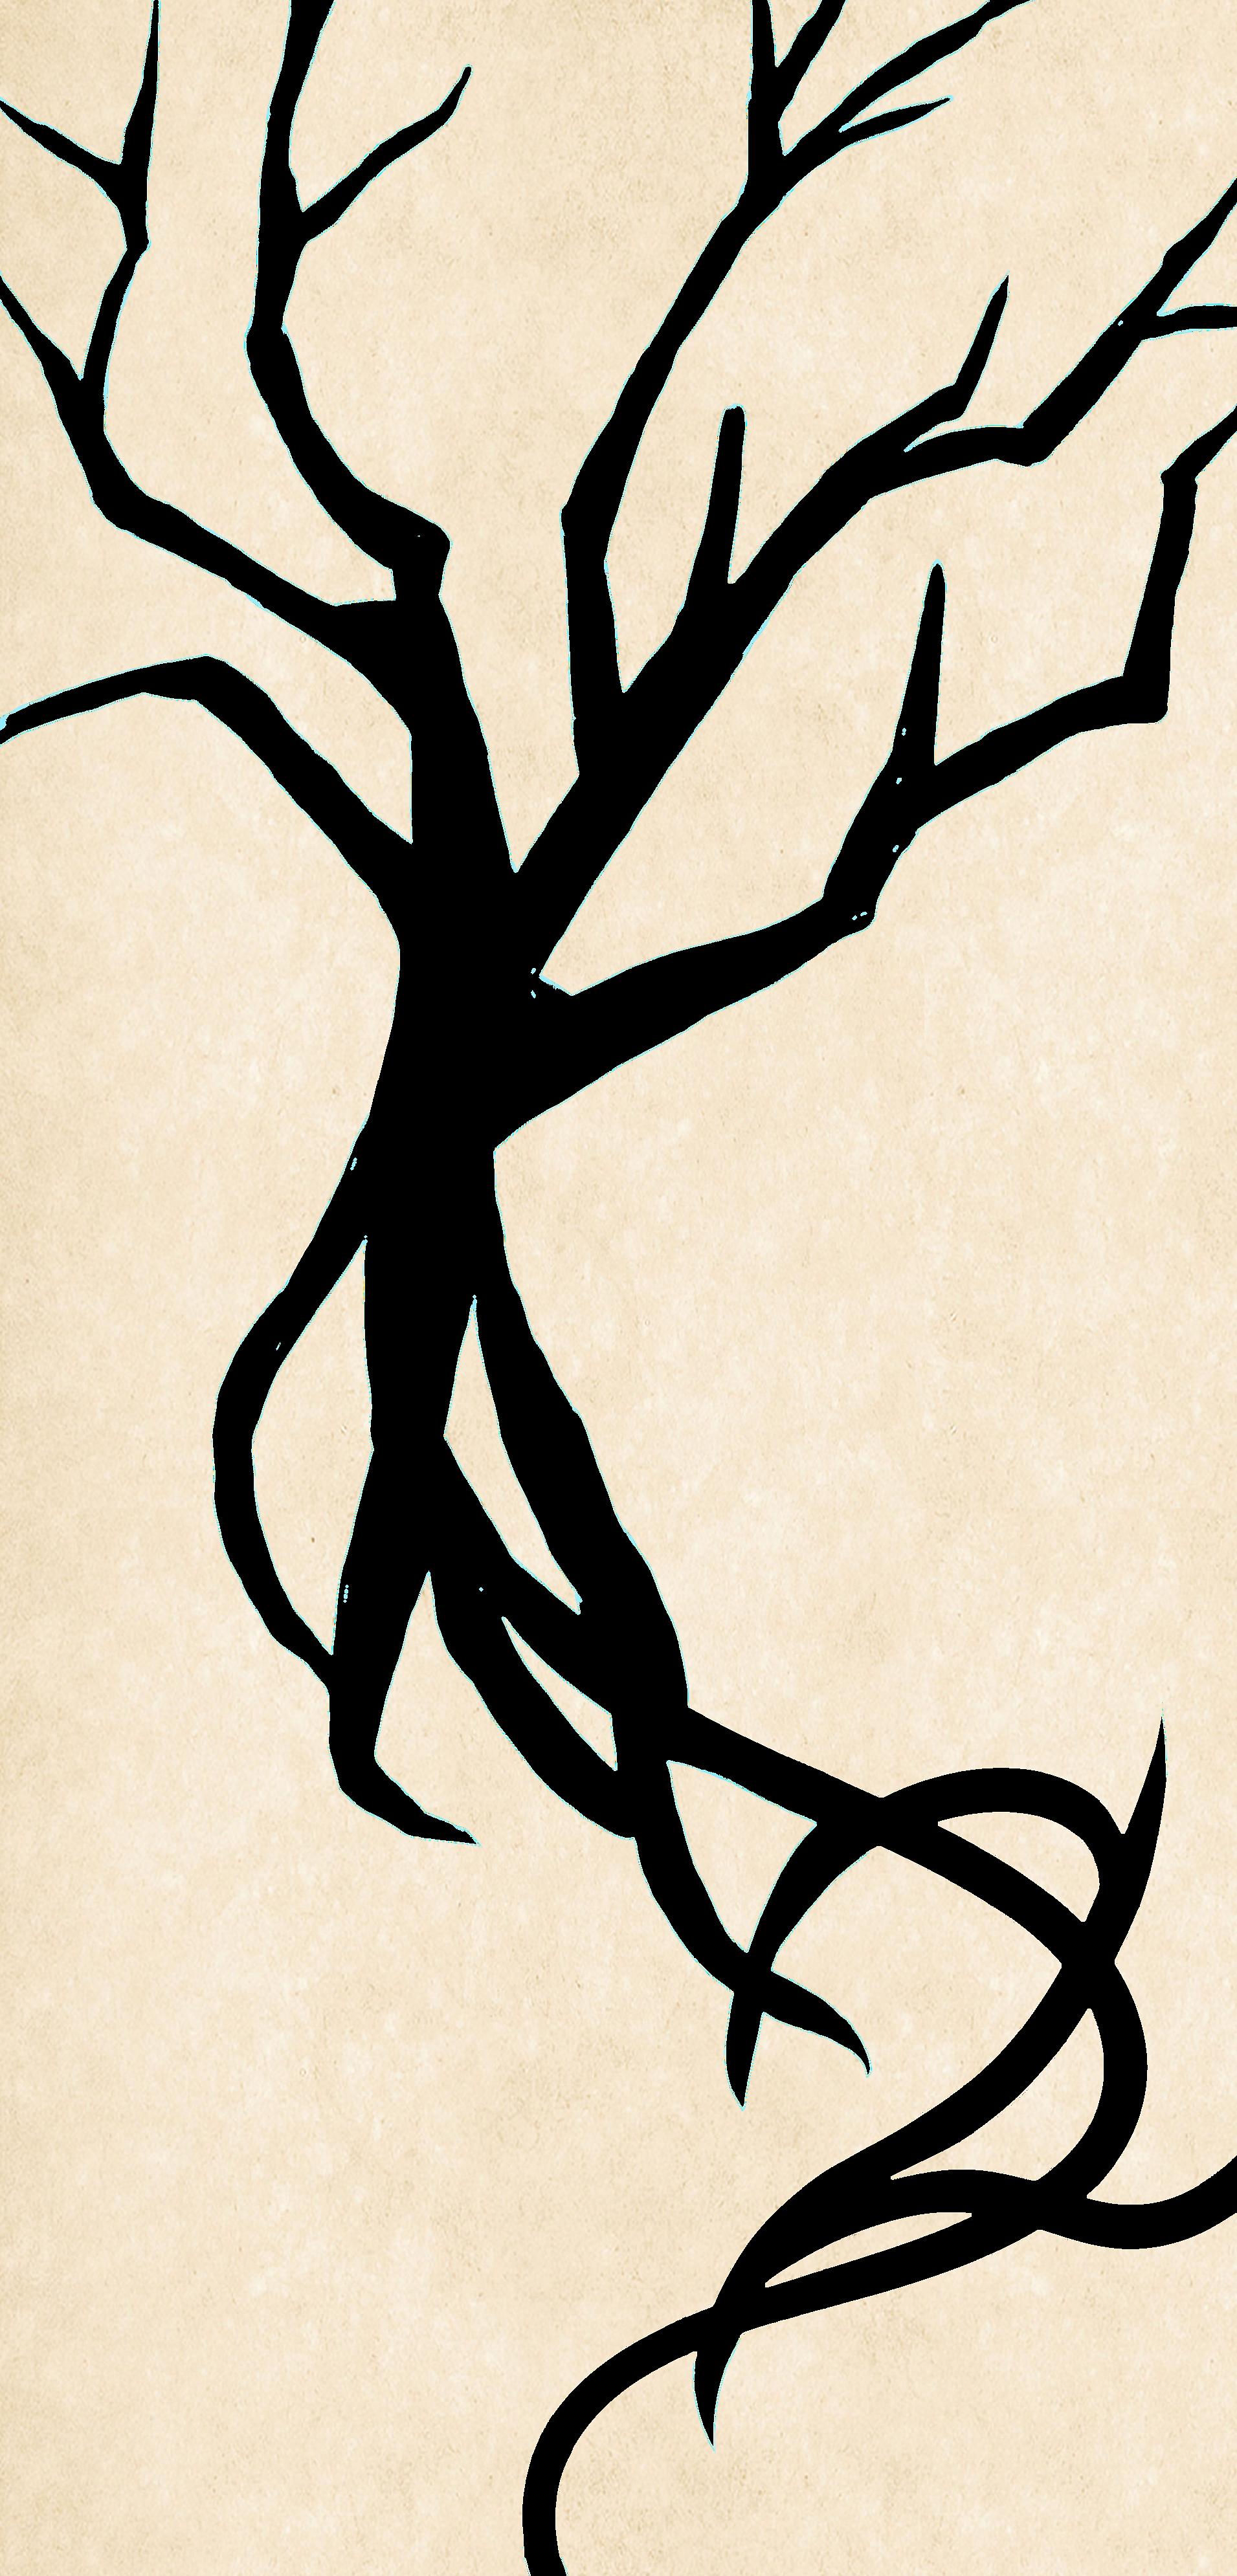 桜の木の枝.png